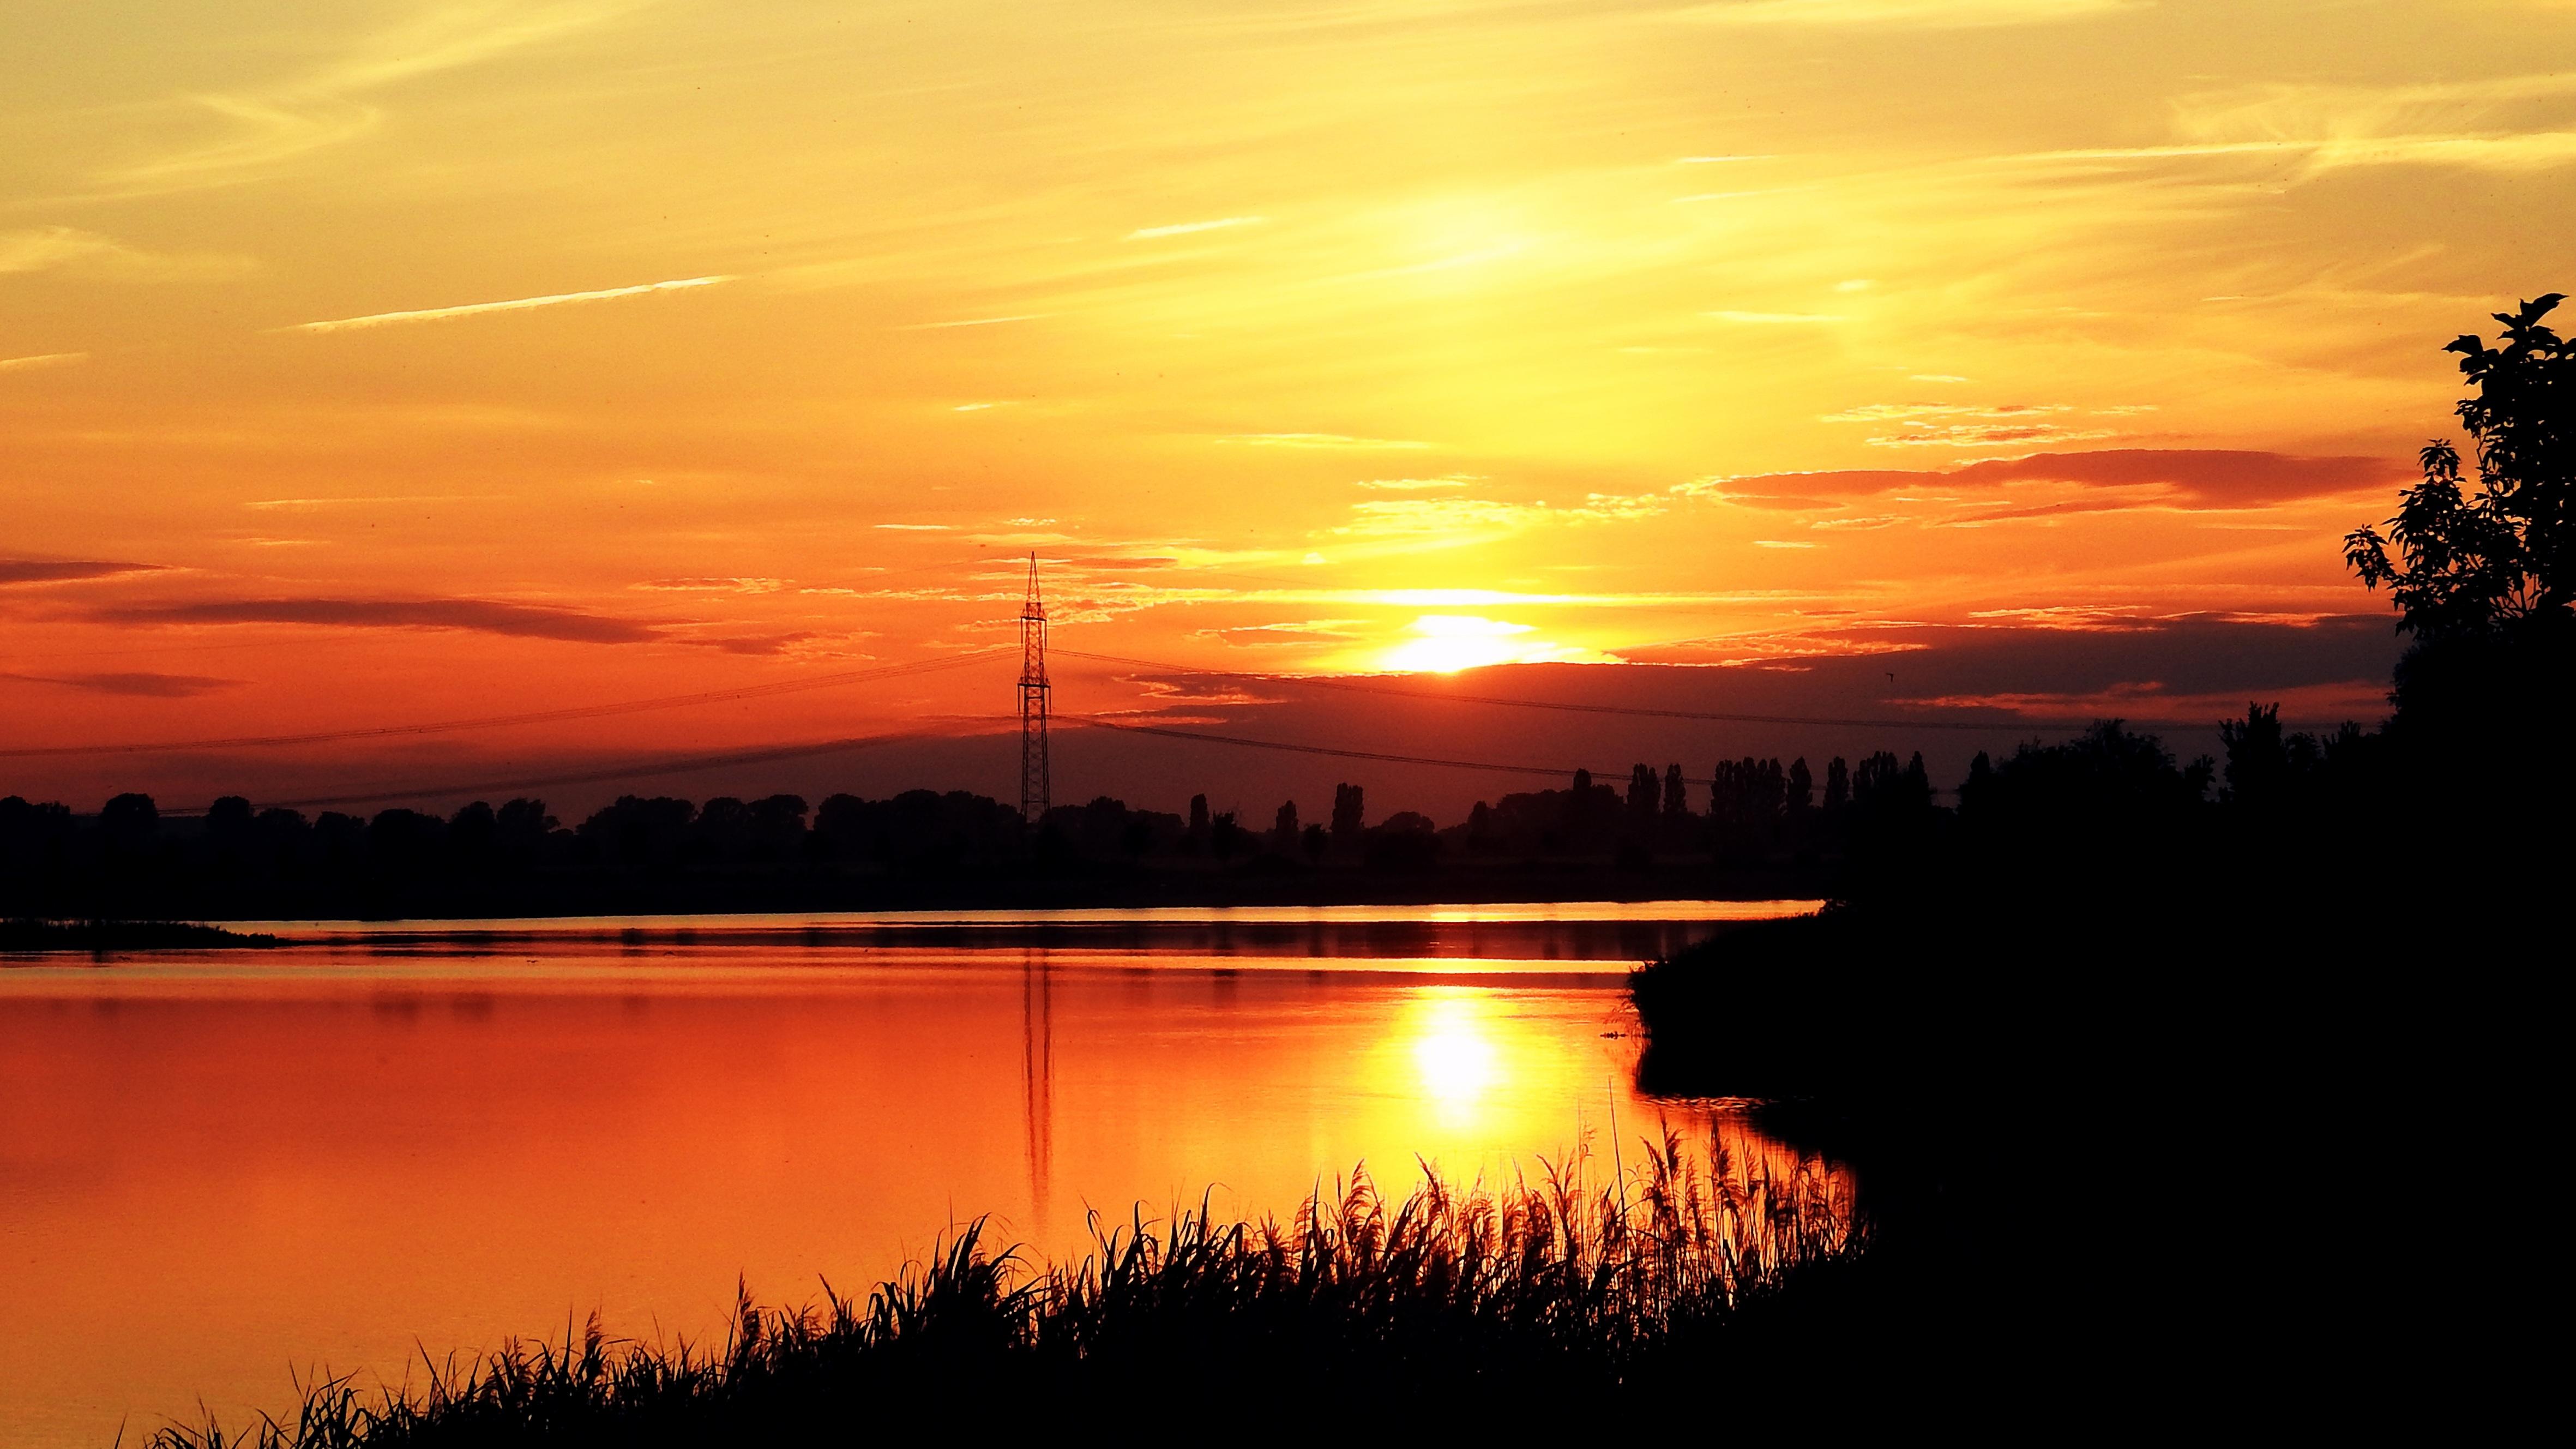 накажет, красивые фото восход закат отделки, трёх метровыми